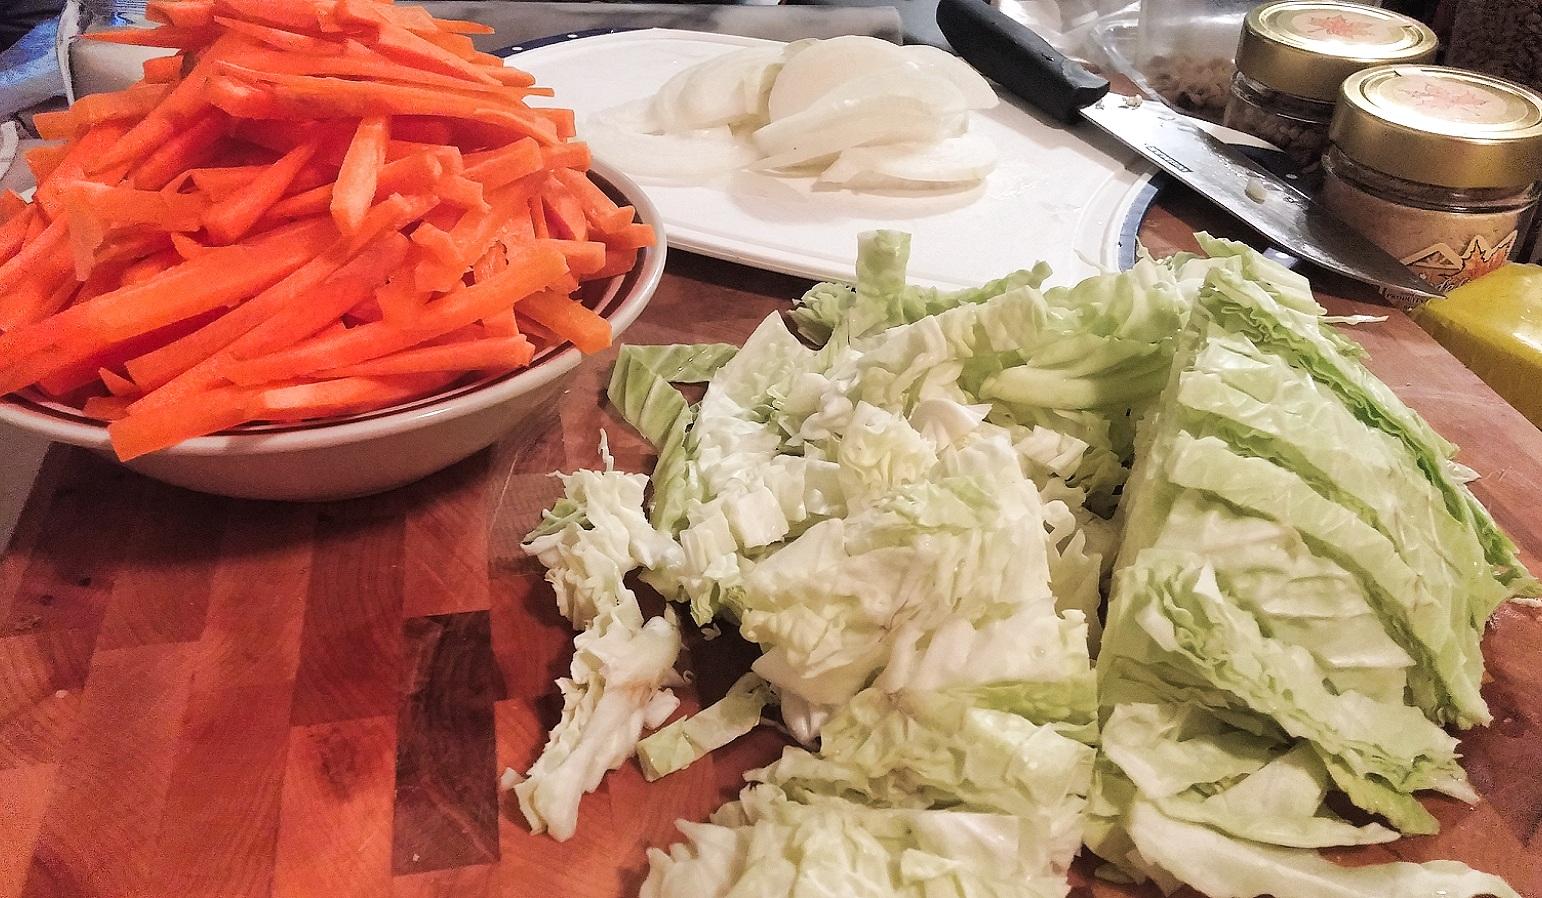 Chow mein au poulet dans un seul chaudron - Auboutdelalangue.com (4)